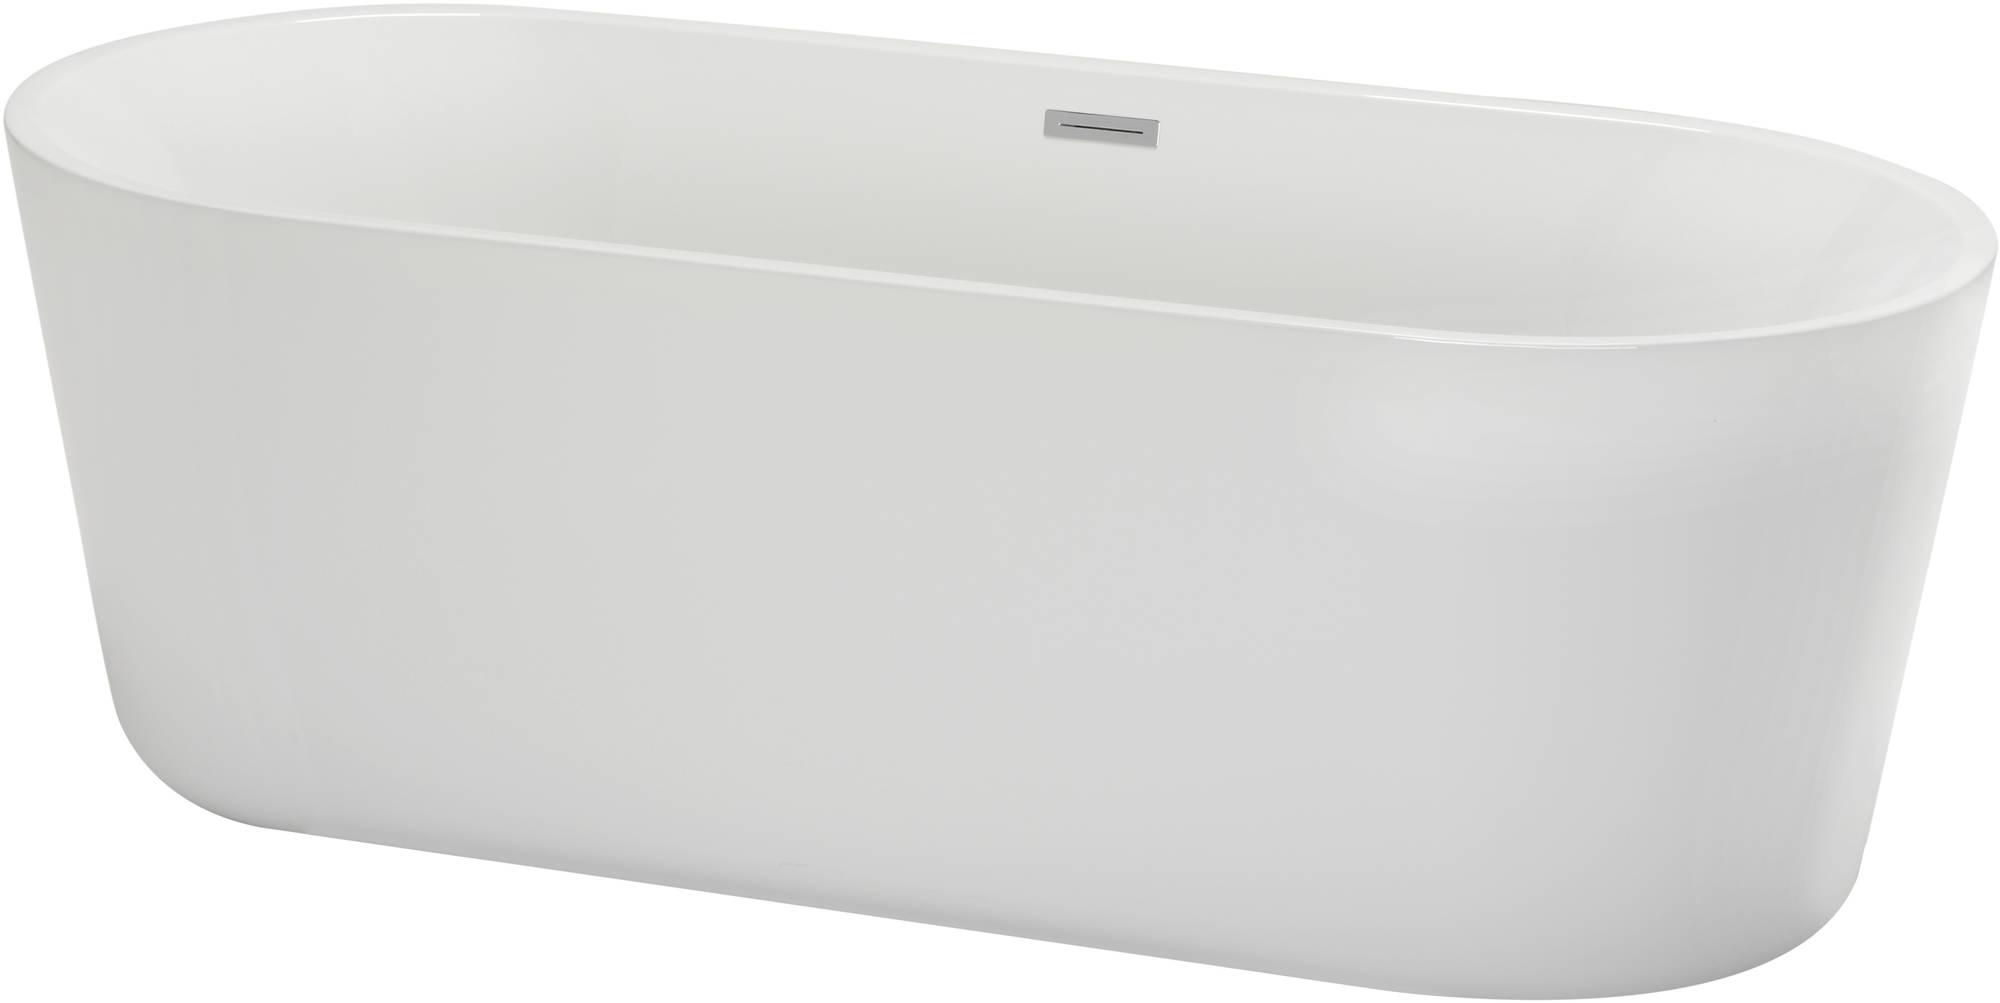 Saniselect Ligbad vrijstaand met waste 178x80 cm wit